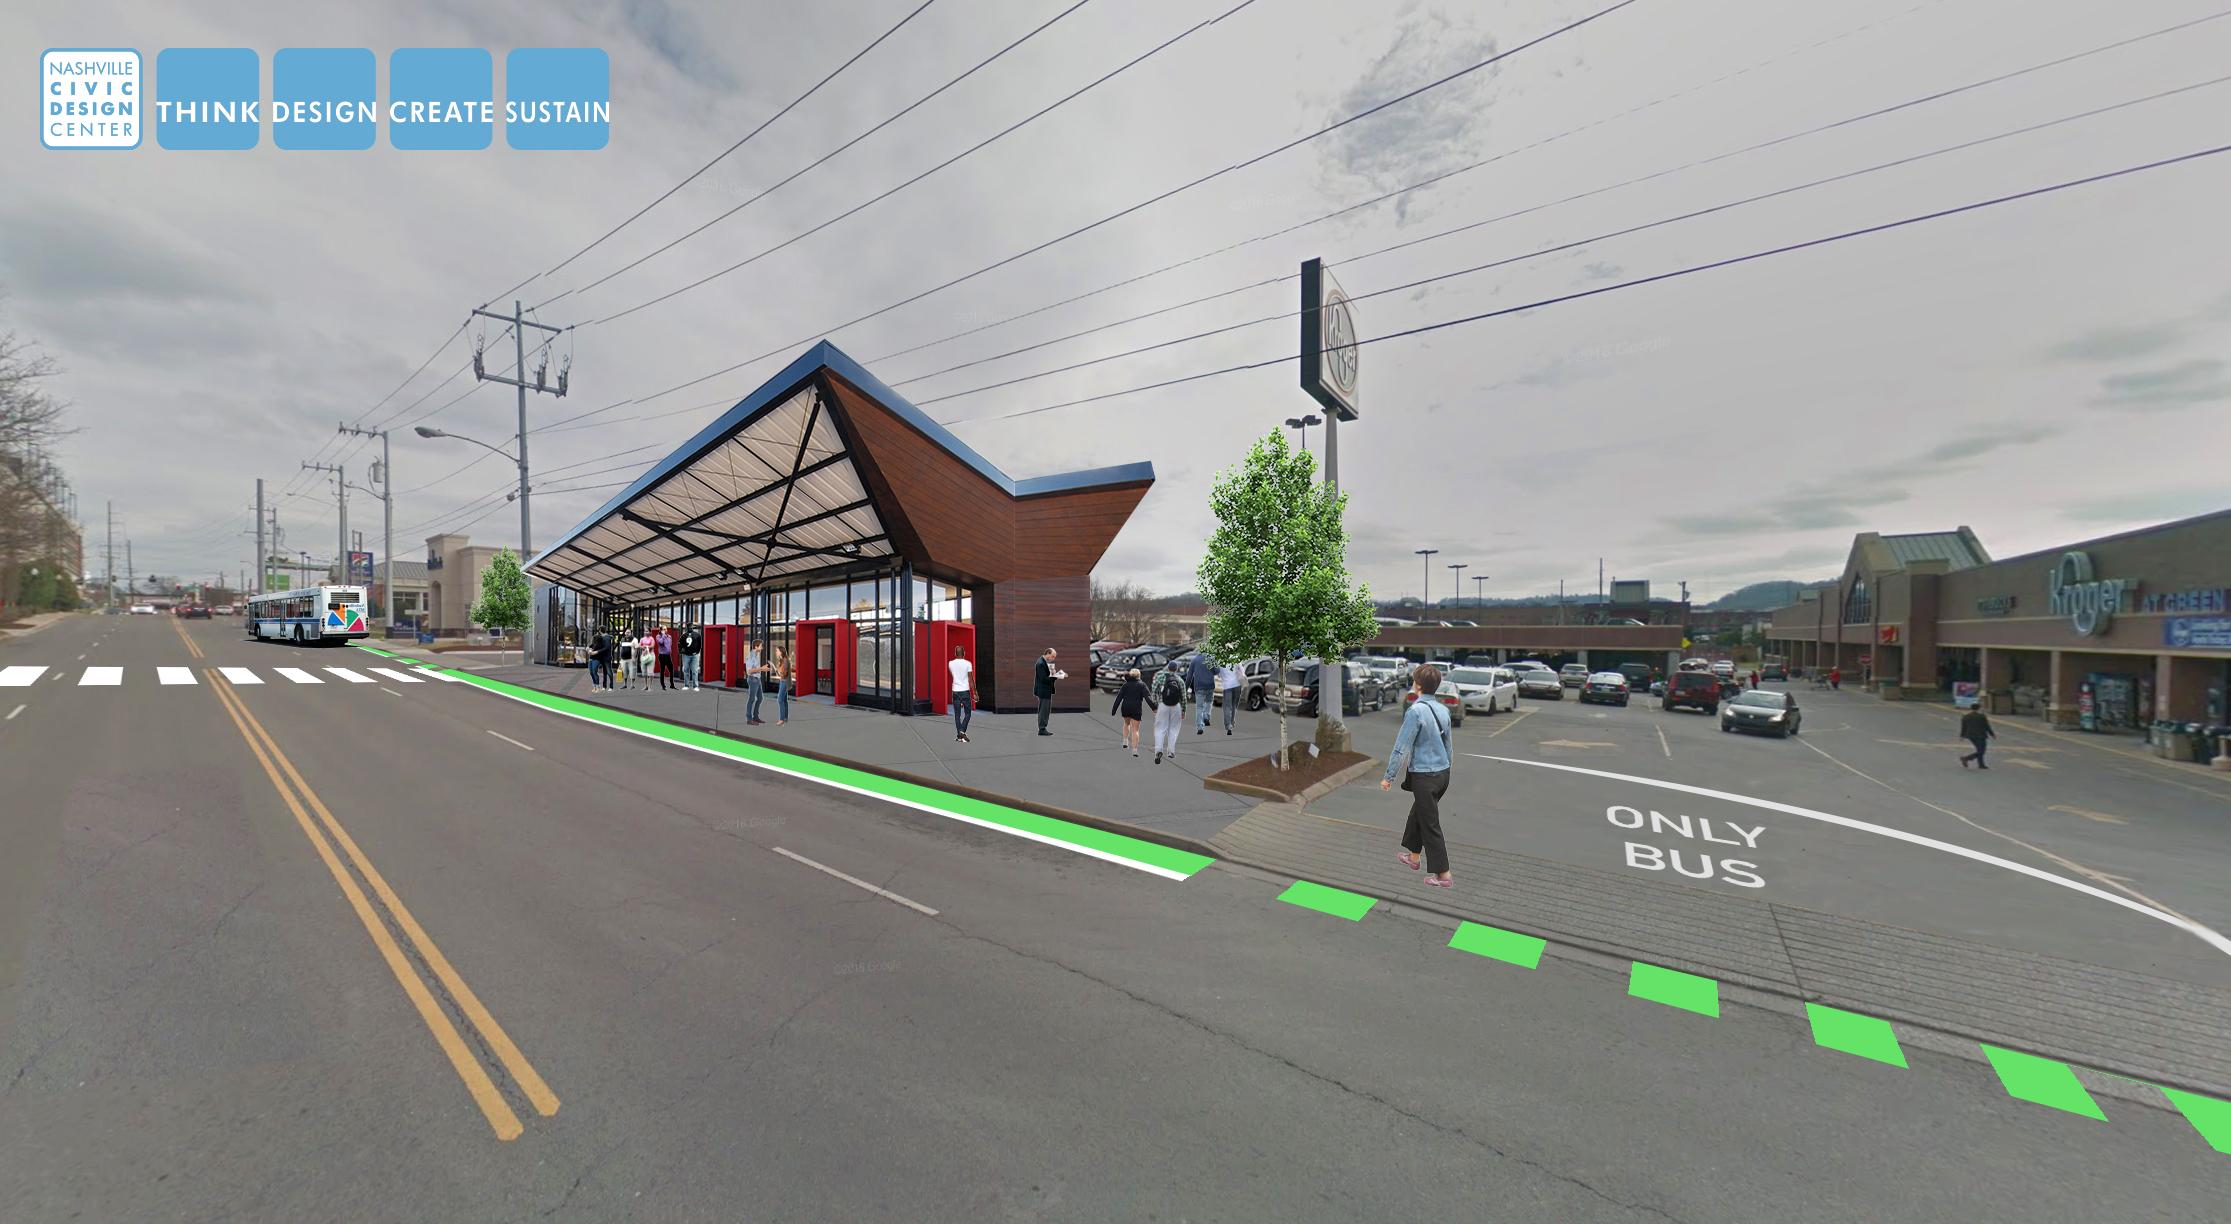 kroger_bus station hub_after.jpg